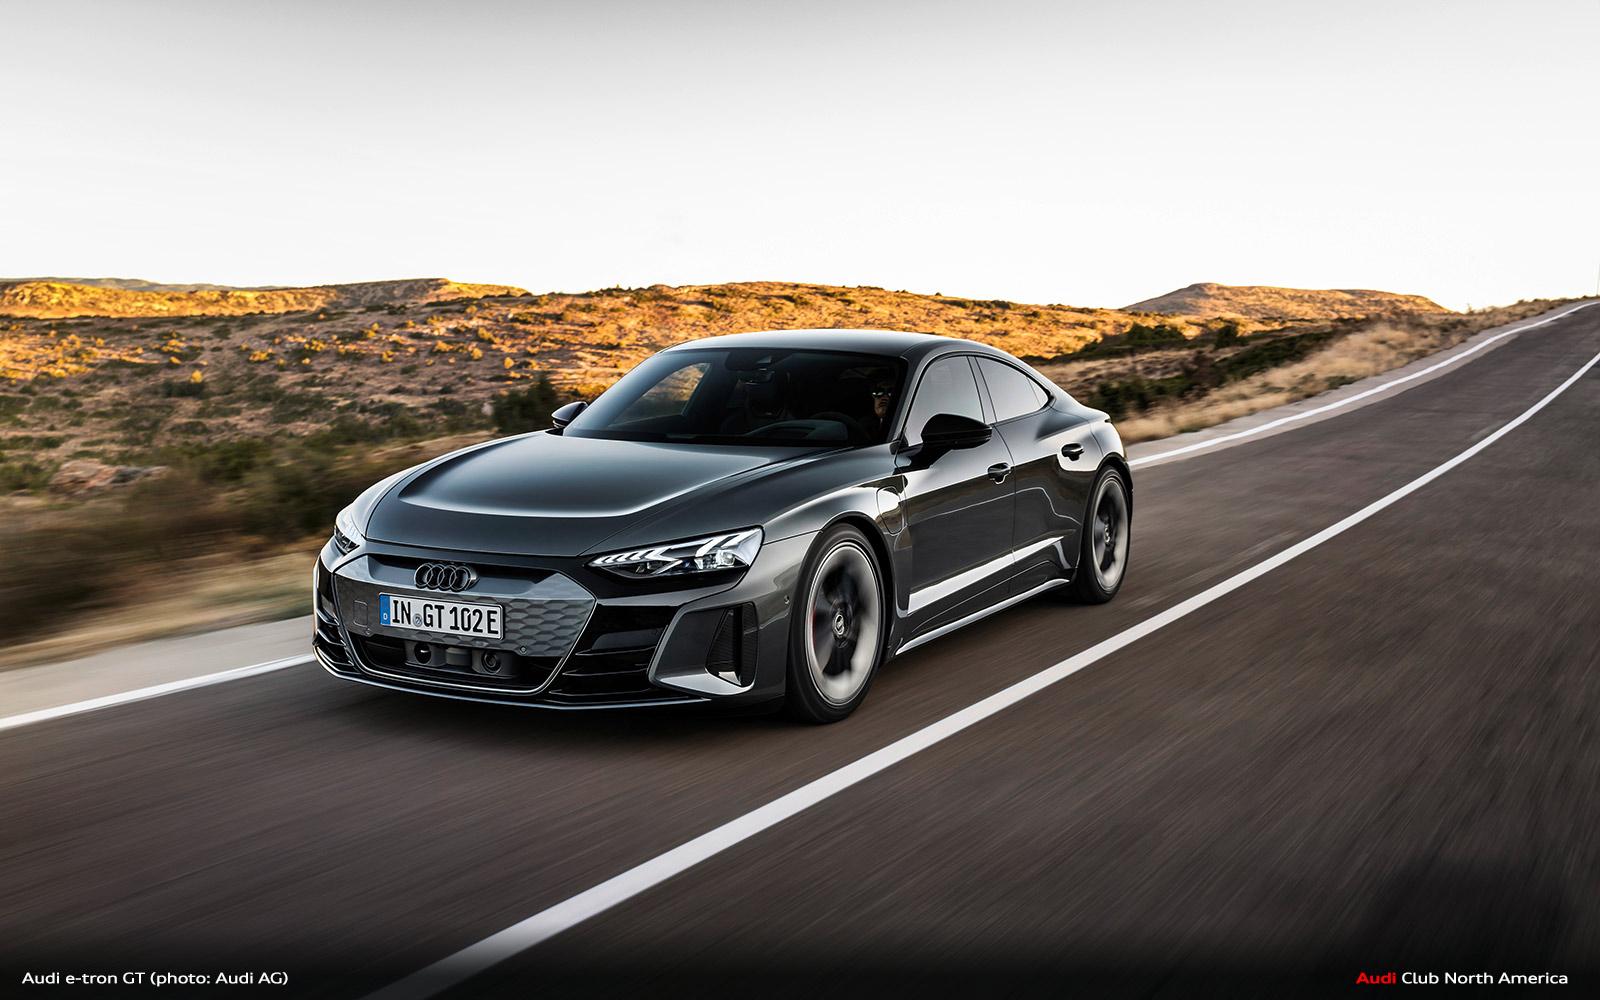 Full Details: Audi e-tron GT